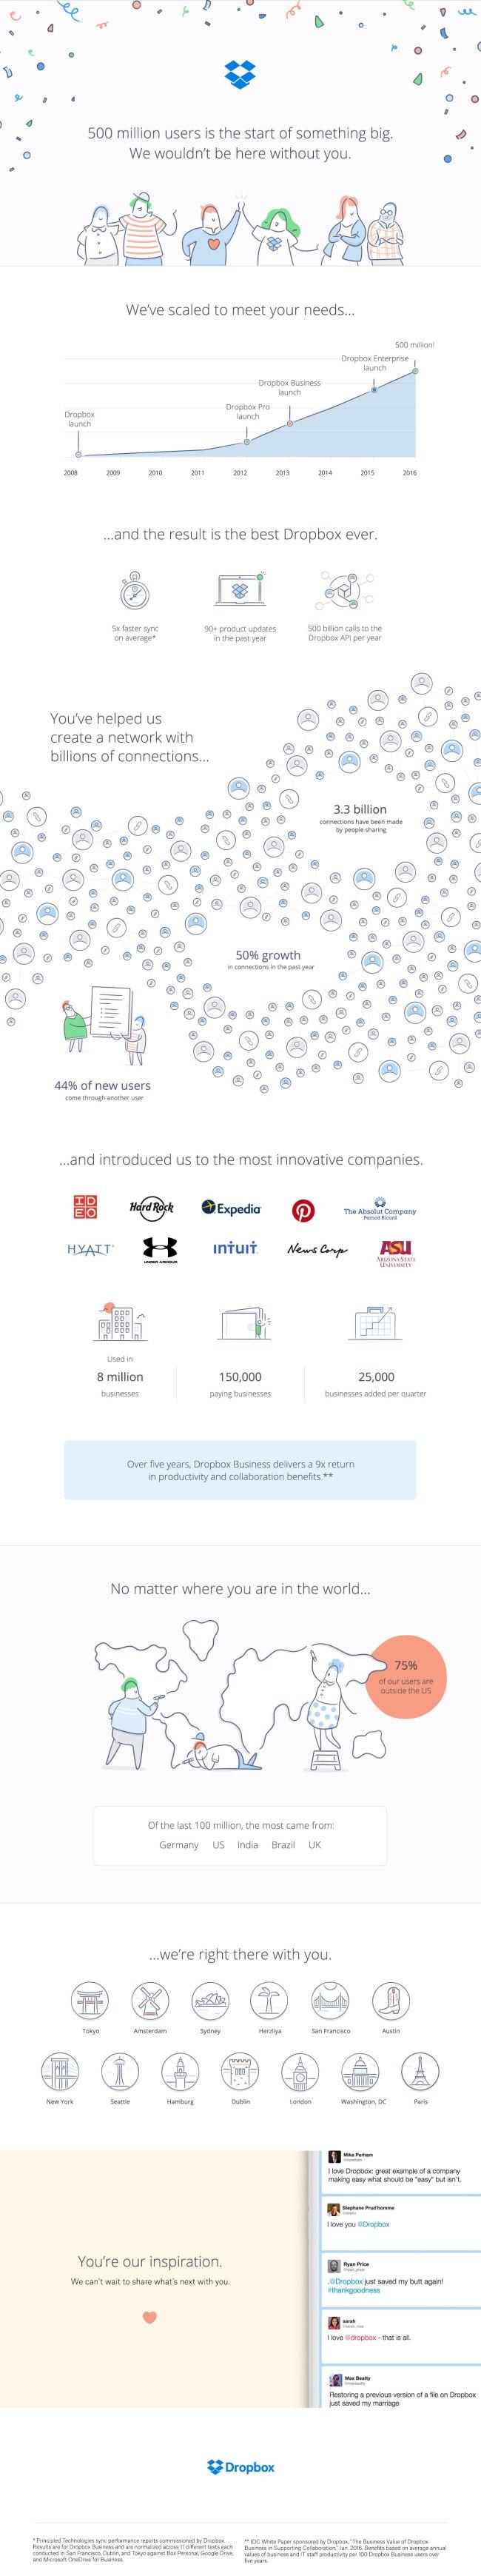 نصف مليار مستخدم لتطبيق دروب بوكس السحابي